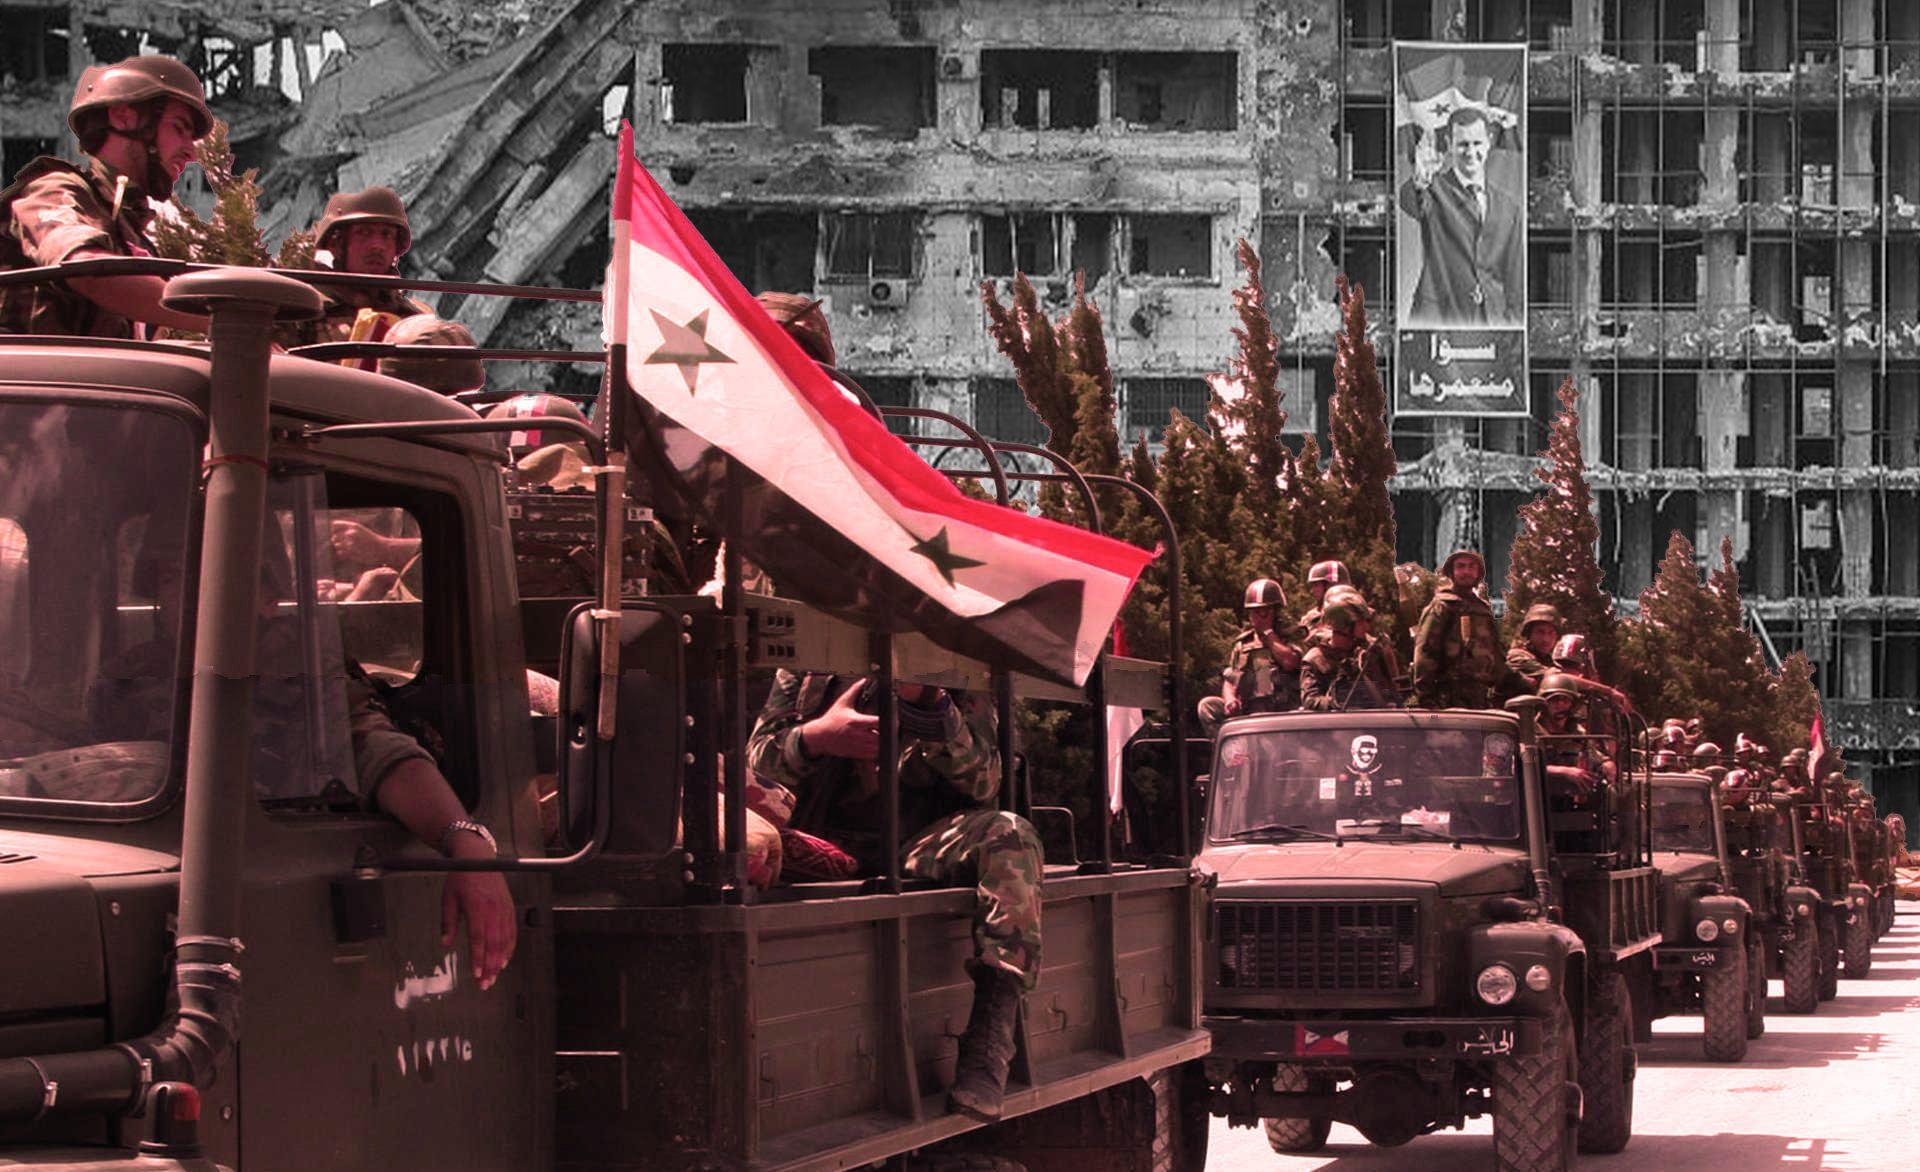 صورة تعبيرية لتعزيزات عسكرية لجيش النظام يظهر خلفها مبنى مدمر تعلوه صورة بشار الأسد (سوريا على طول)